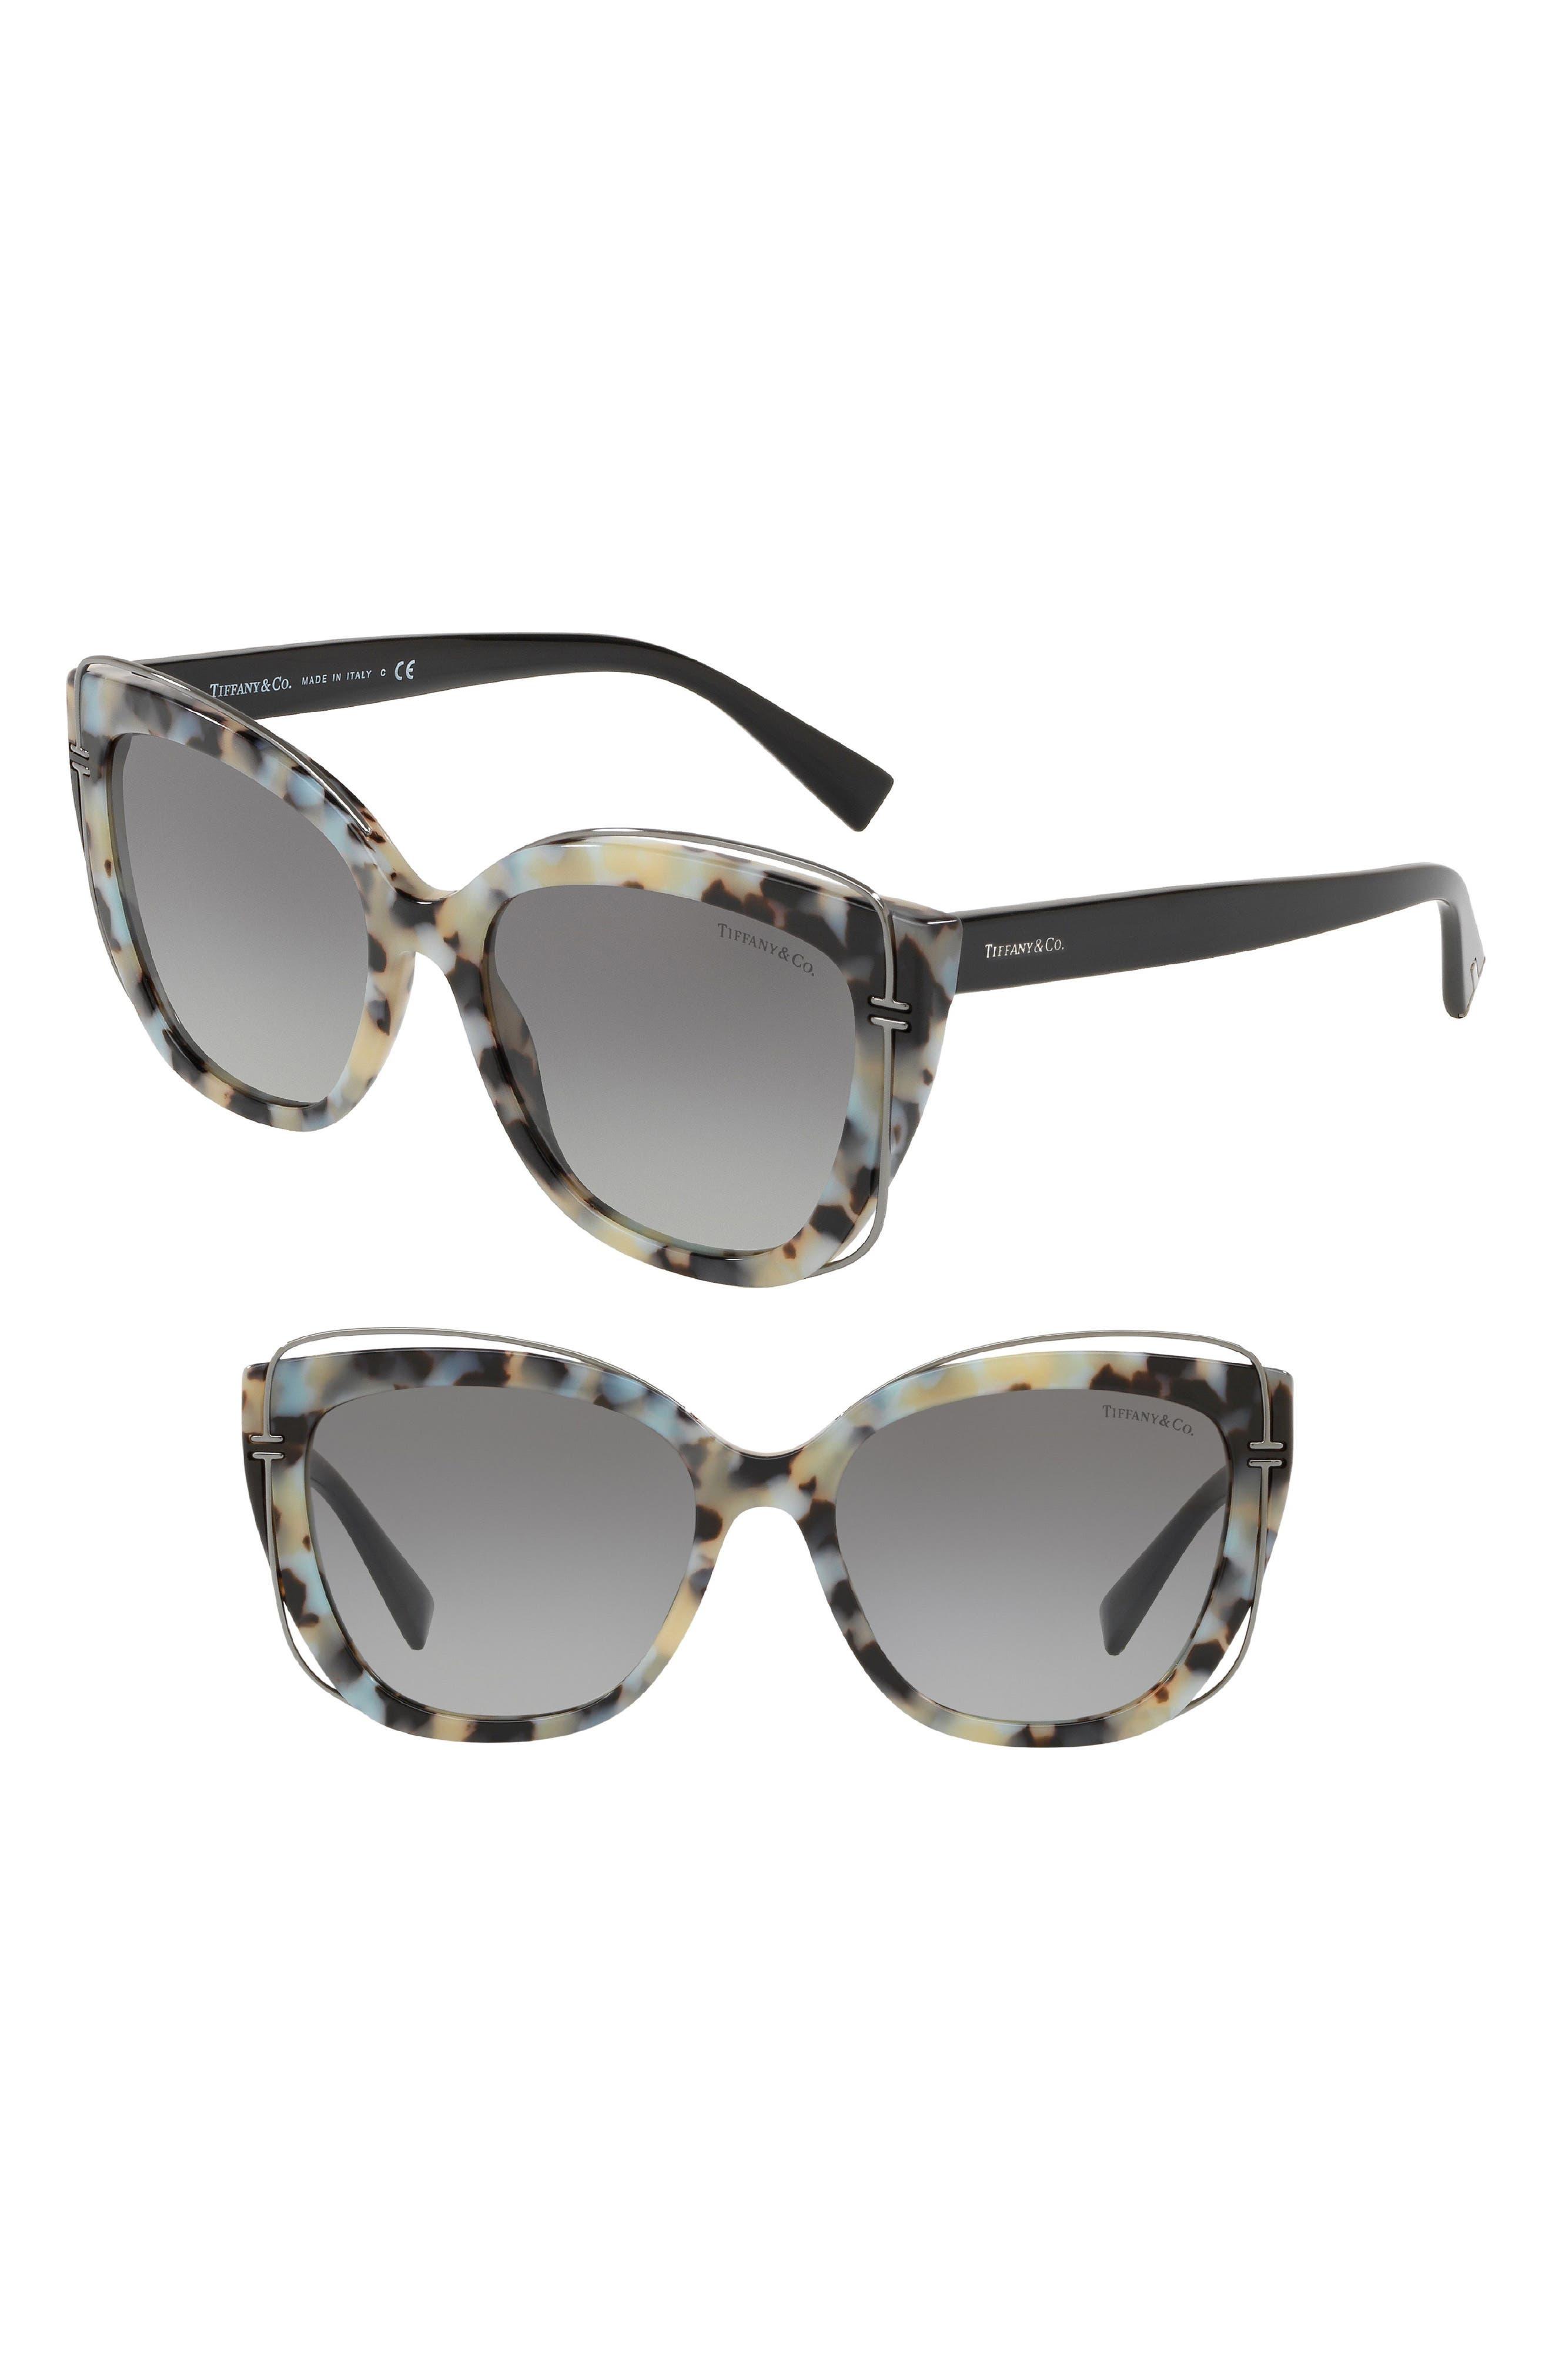 54mm Gradient Cat Eye Sunglasses,                         Main,                         color, Beige Havana Gradient